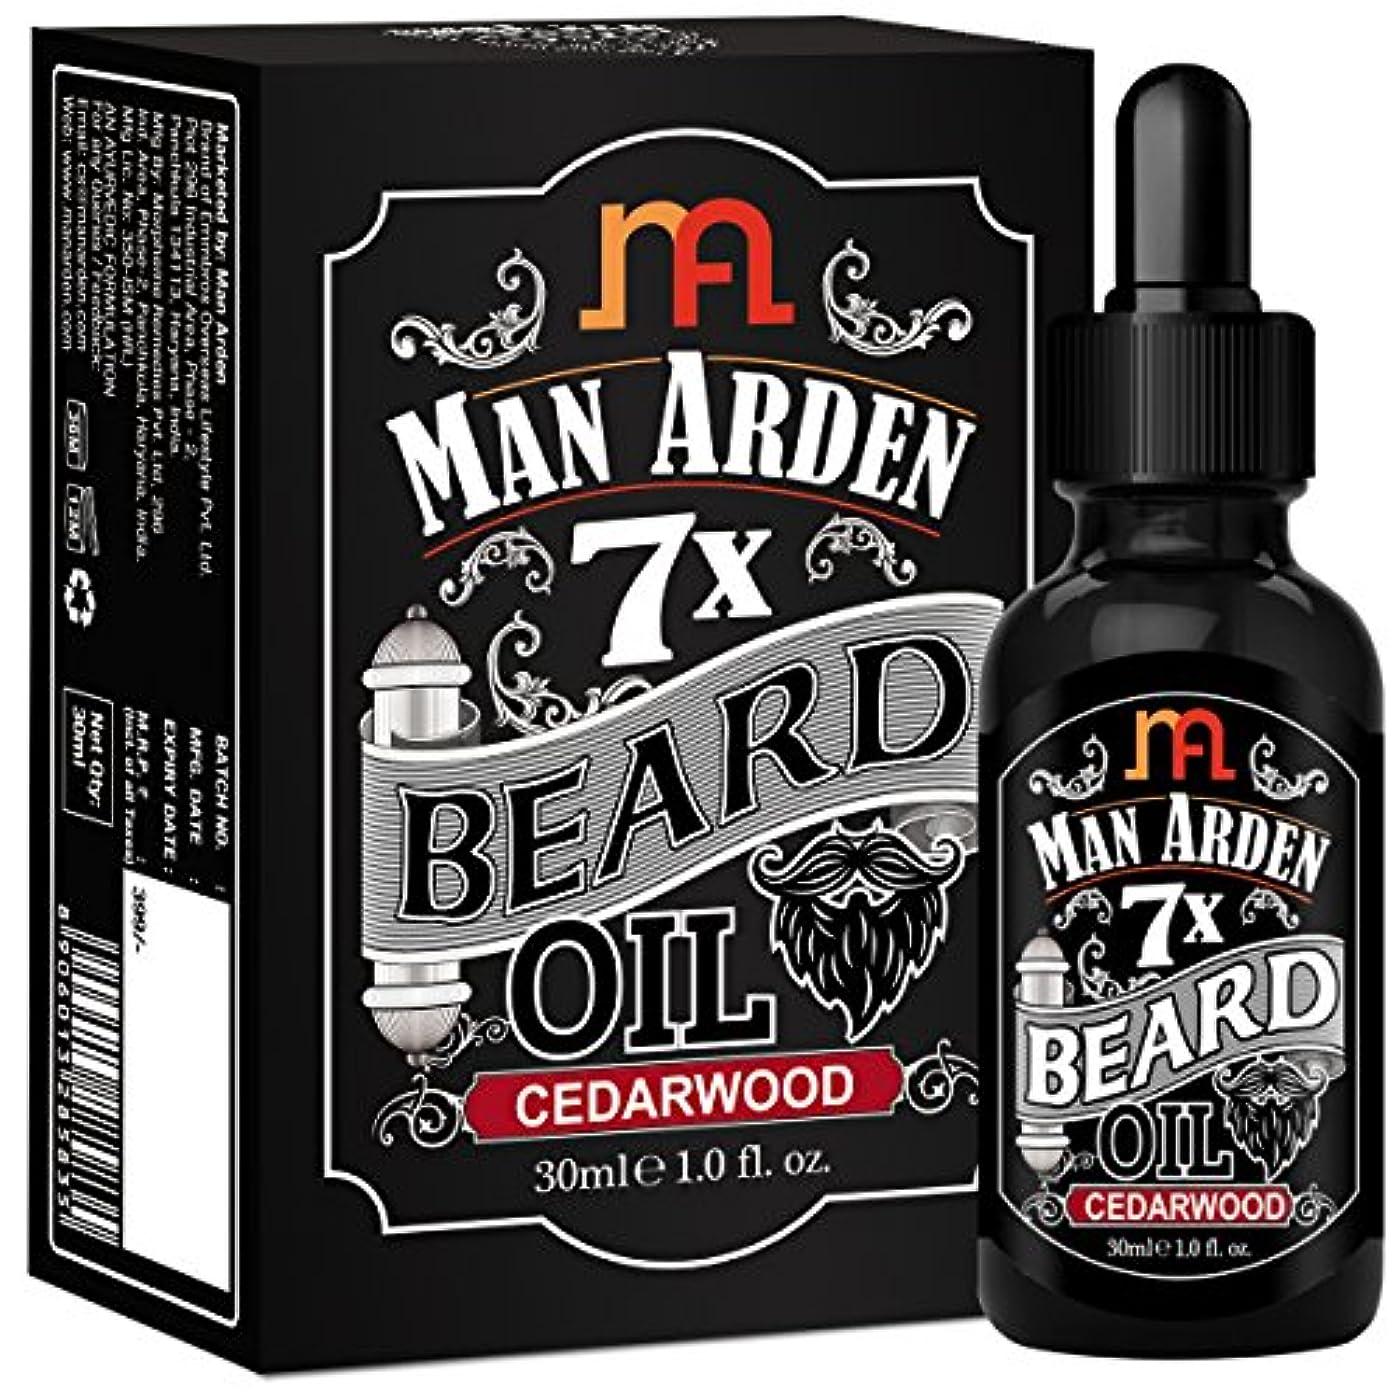 代名詞導出スティックMan Arden 7X Beard Oil 30ml (Cedarwood) - 7 Premium Oils Blend For Beard Growth & Nourishment